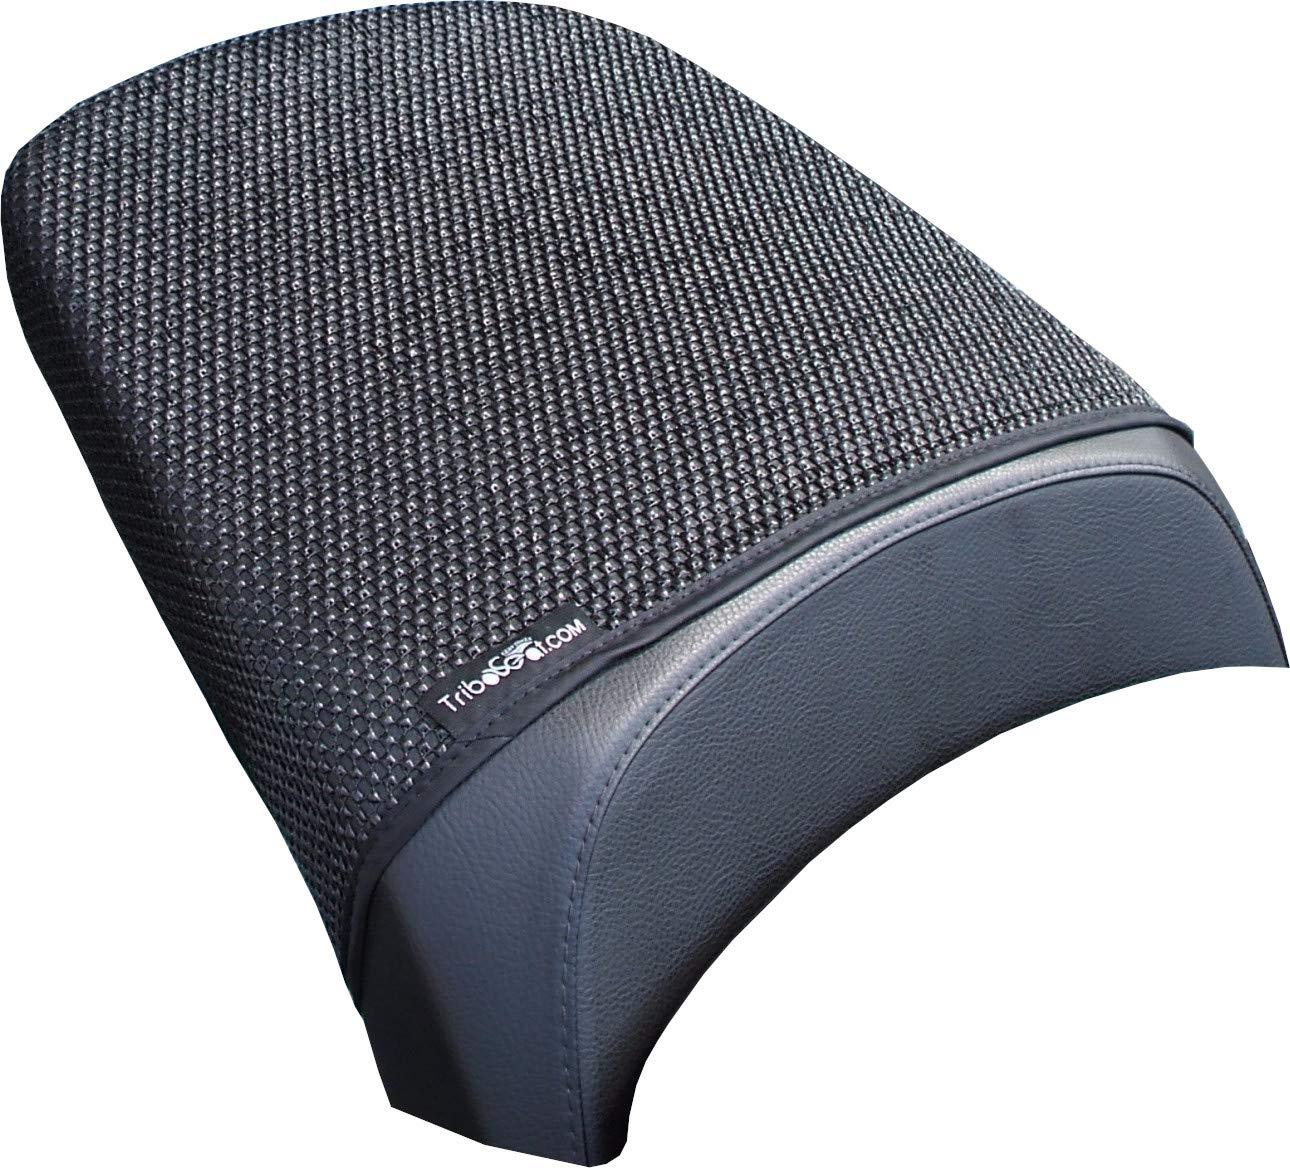 2013-2018 Cubierta TRIBOSEAT para Asiento Antideslizante Accesorio Personalizado Negro Compatible con BMW R1200GS LC